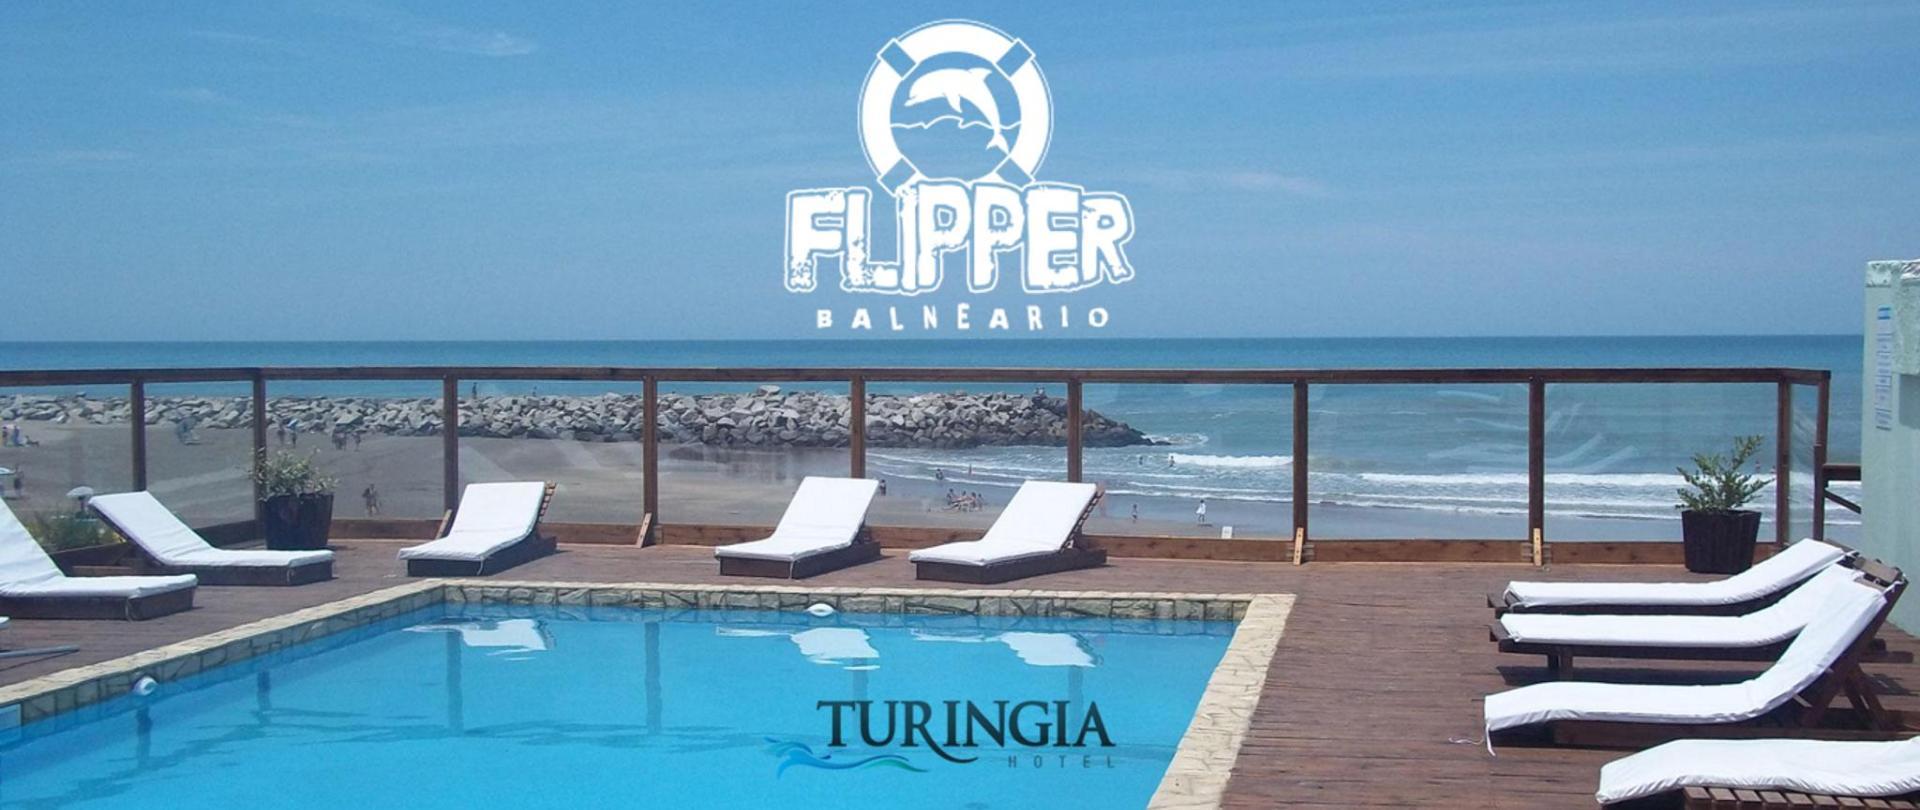 Hotel Turingia balneario gratis verano 2019 miramar.png